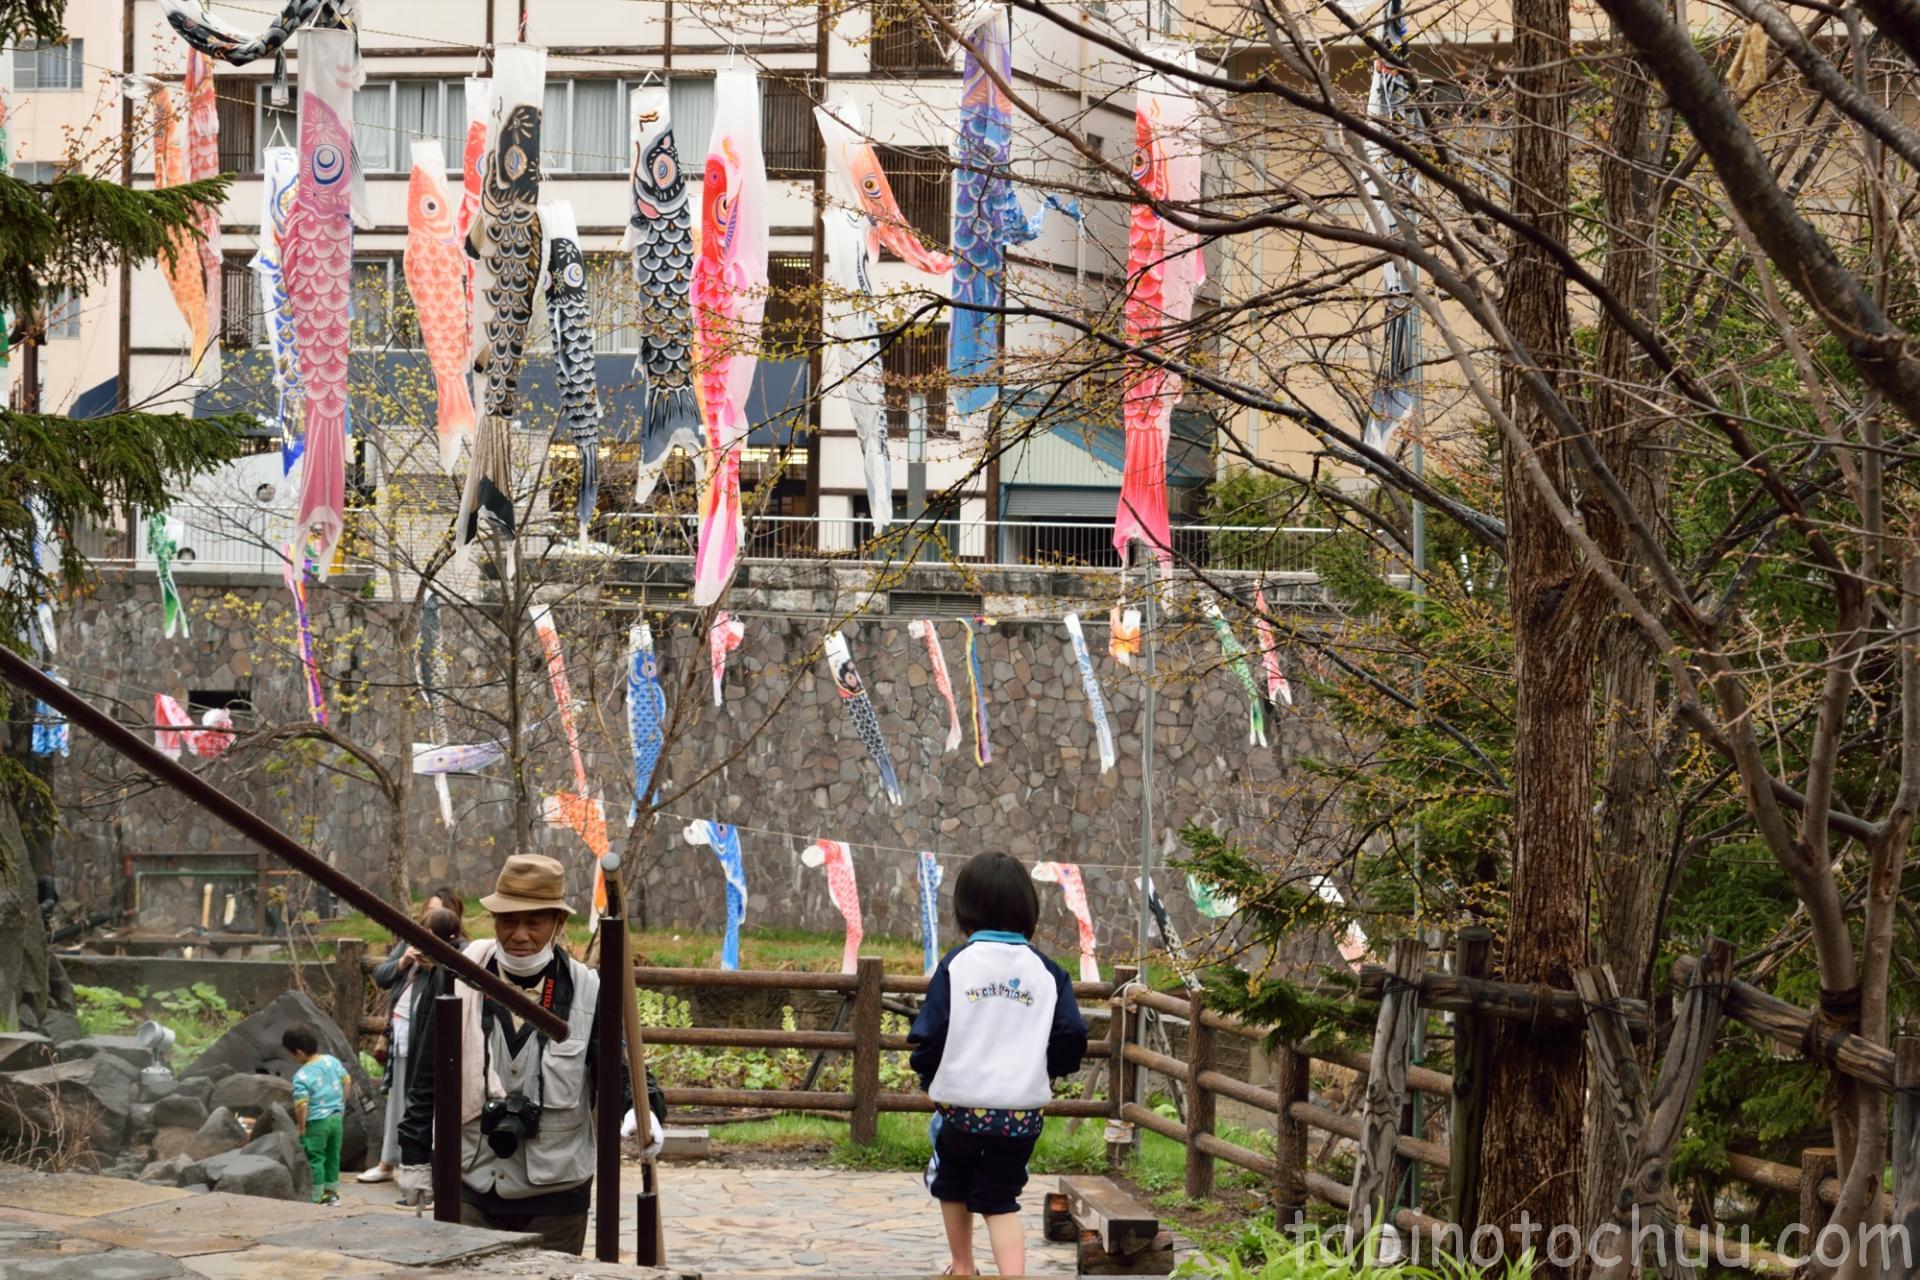 【札幌発】北海道の絶景観光スポットを巡る1週間の旅行onキャンプ泊「費用も全公開」7日目